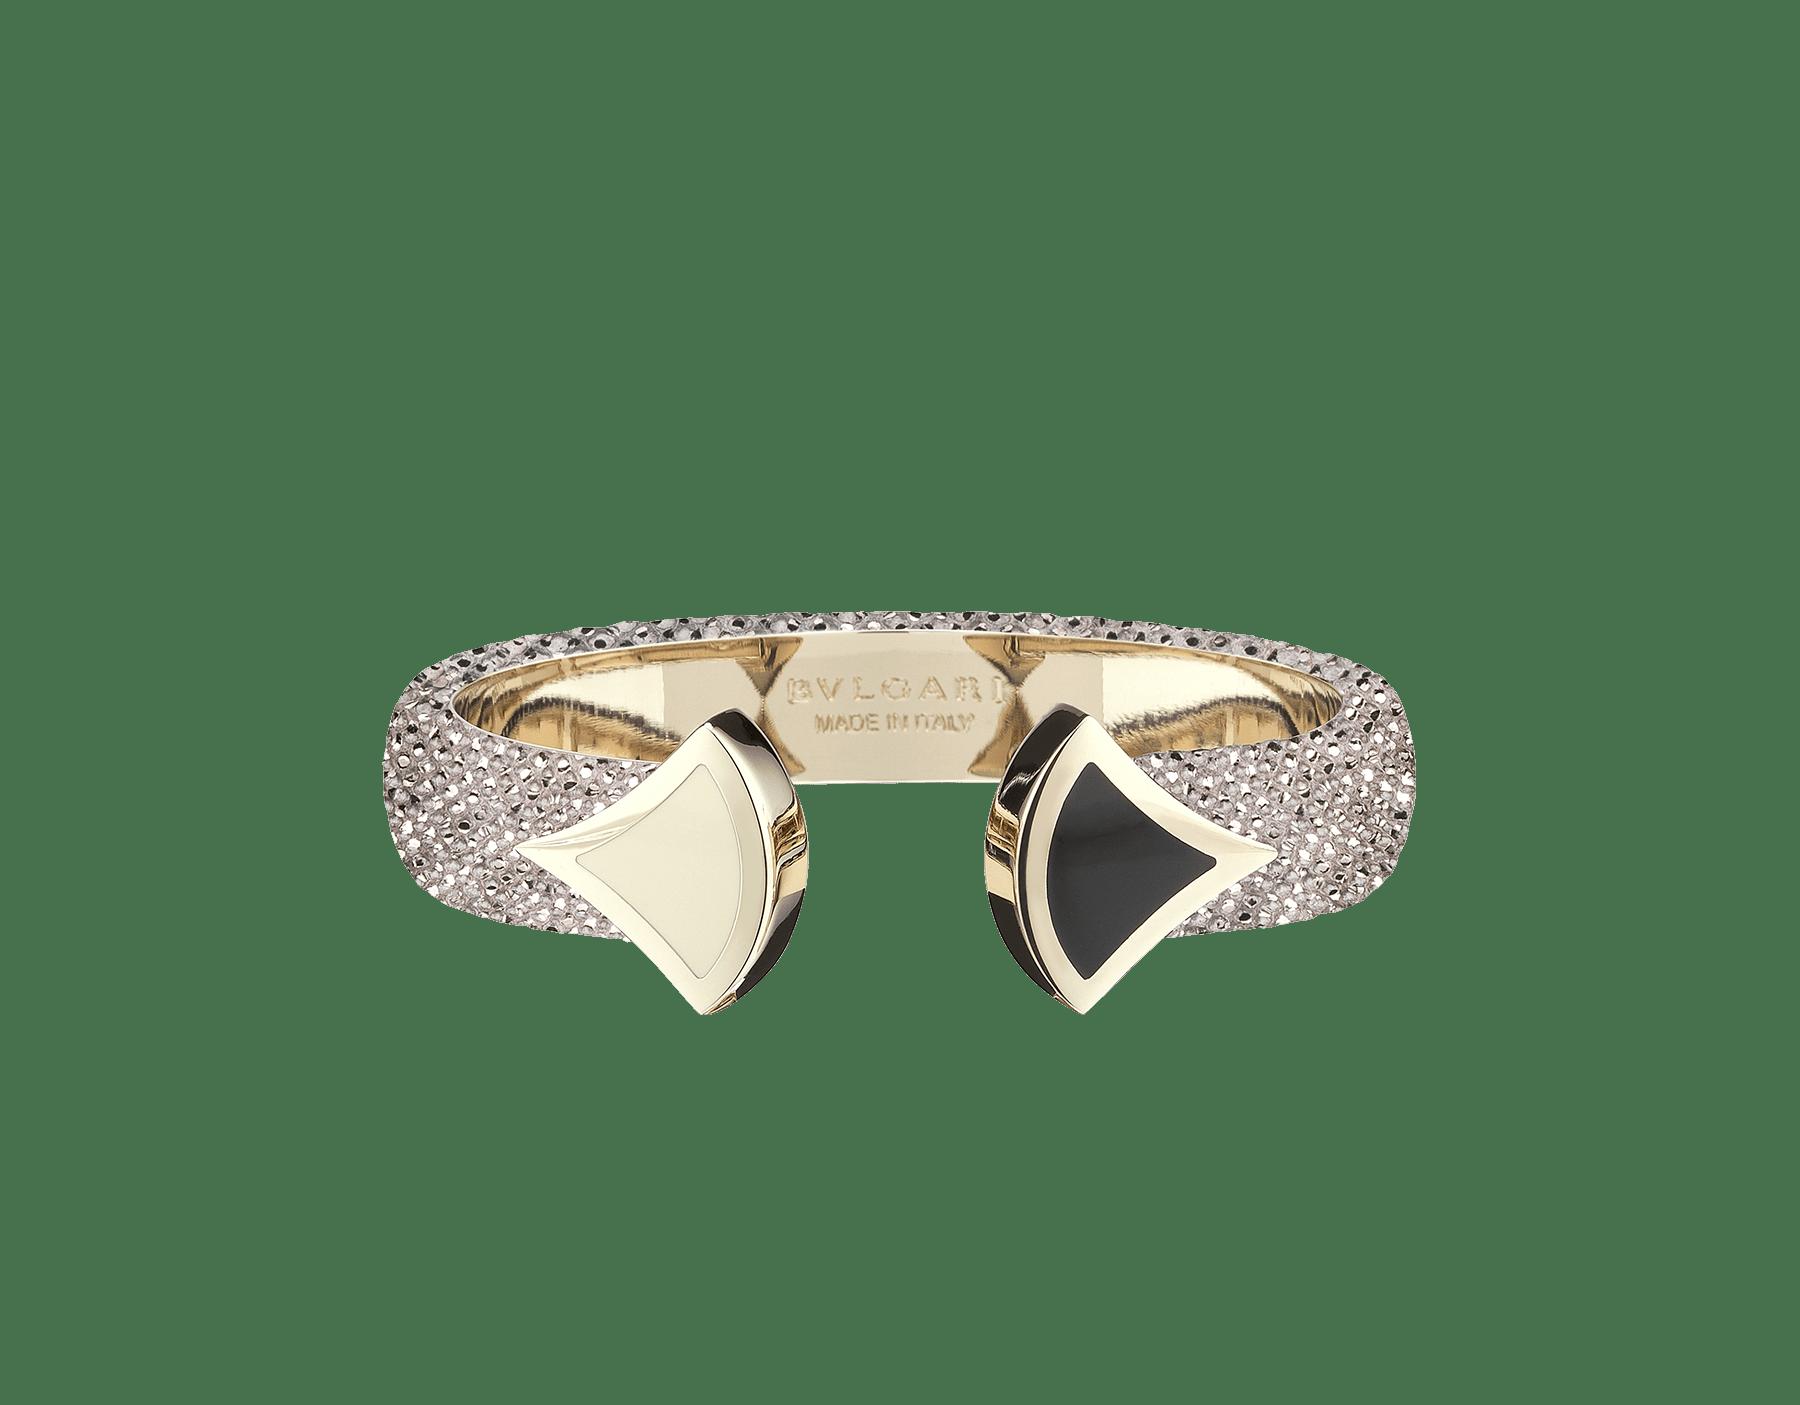 Pulsera de piel de galuchat en color zafiro real con emblemático cierre Contraire con motivo DIVAS' DREAM de latón bañado en oro claro y esmalte blanco y negro. DIVA-CONTRAIR-M image 3